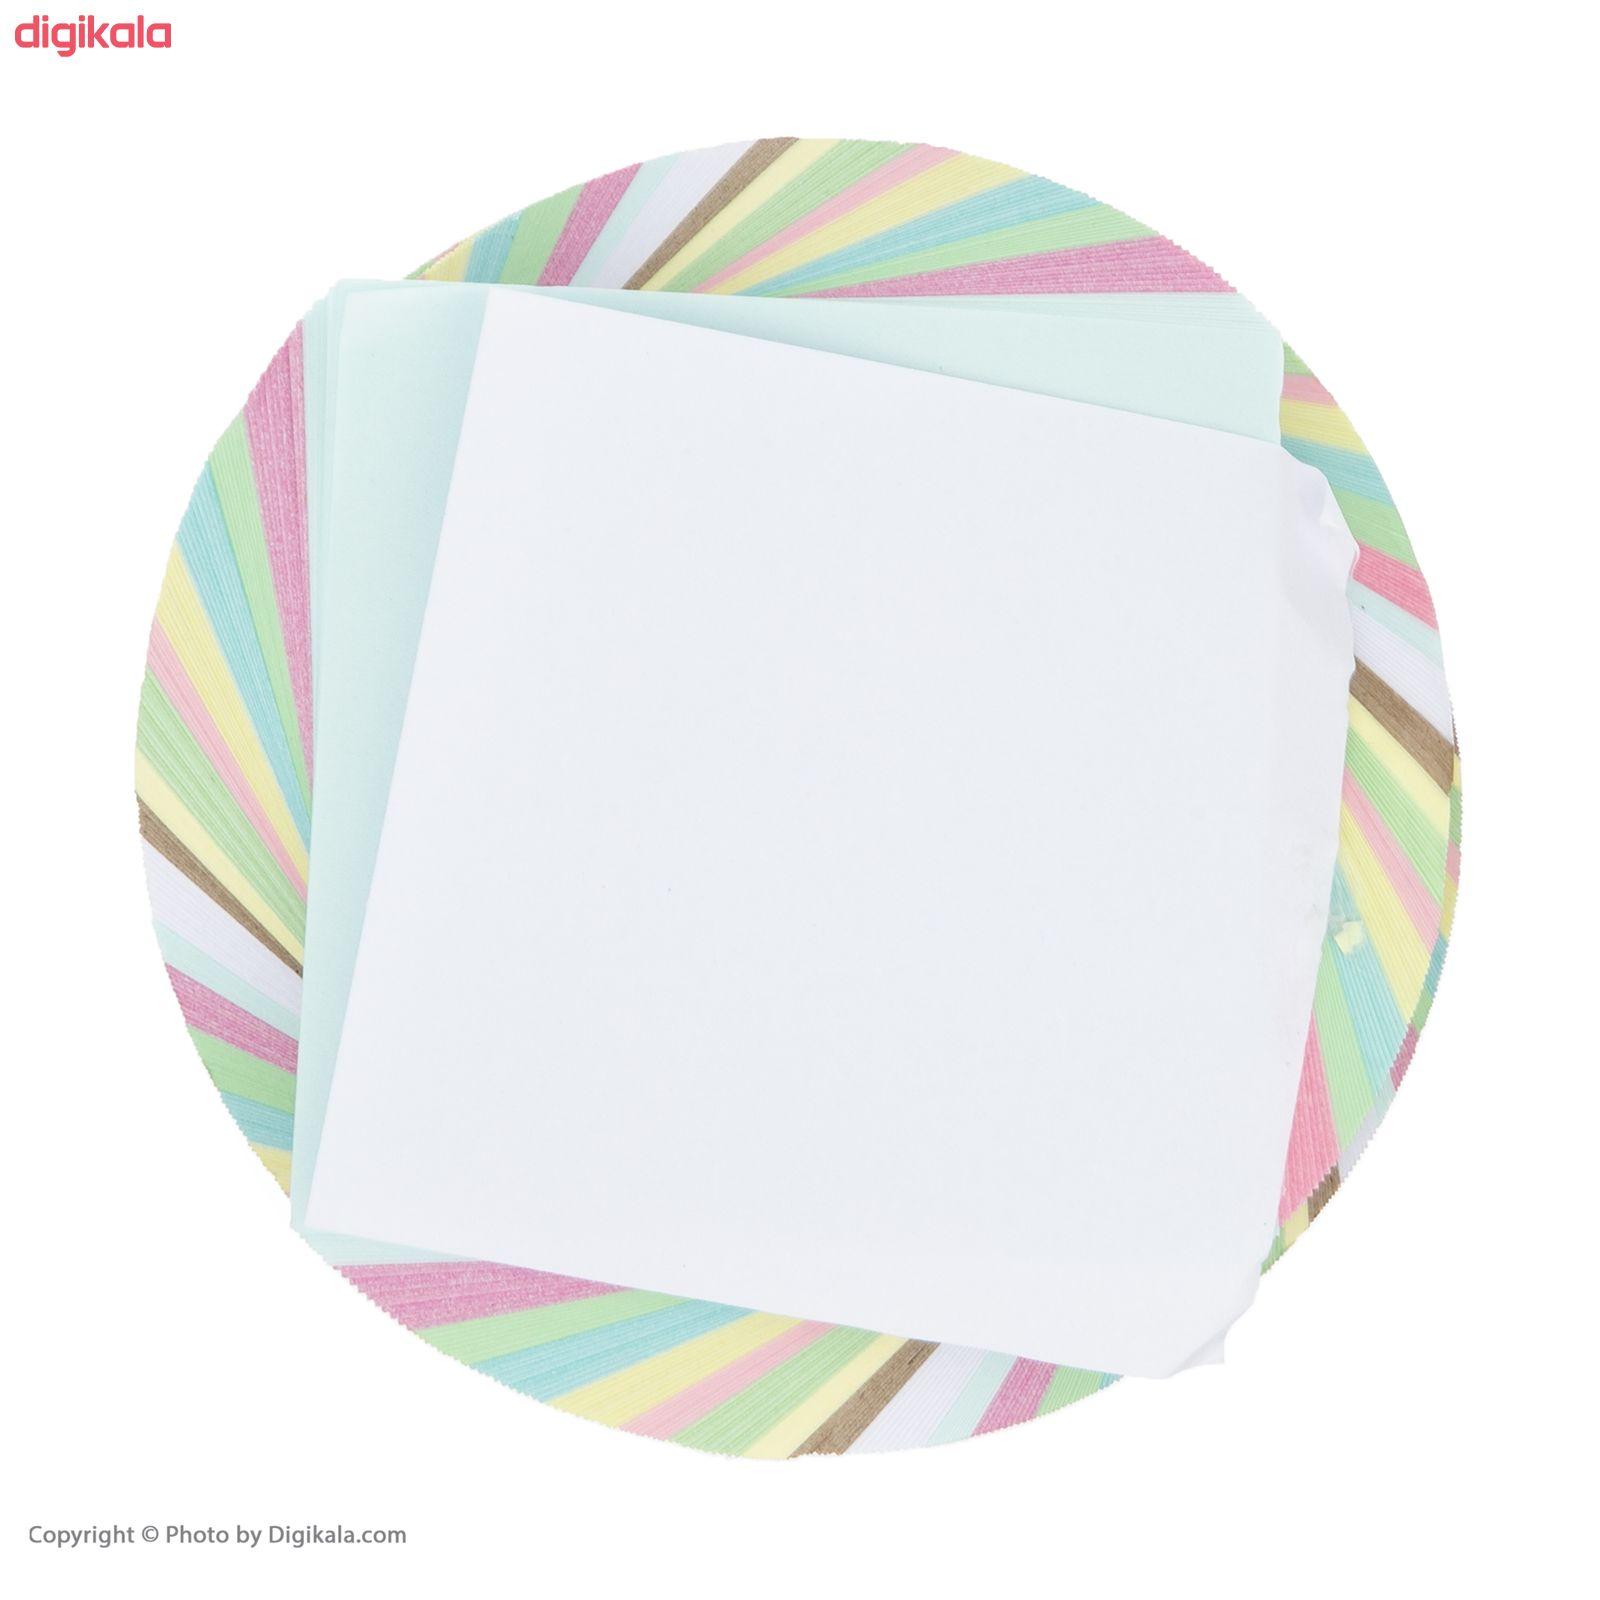 کاغذ یادداشت 10 رنگ طرح چرخشی main 1 3